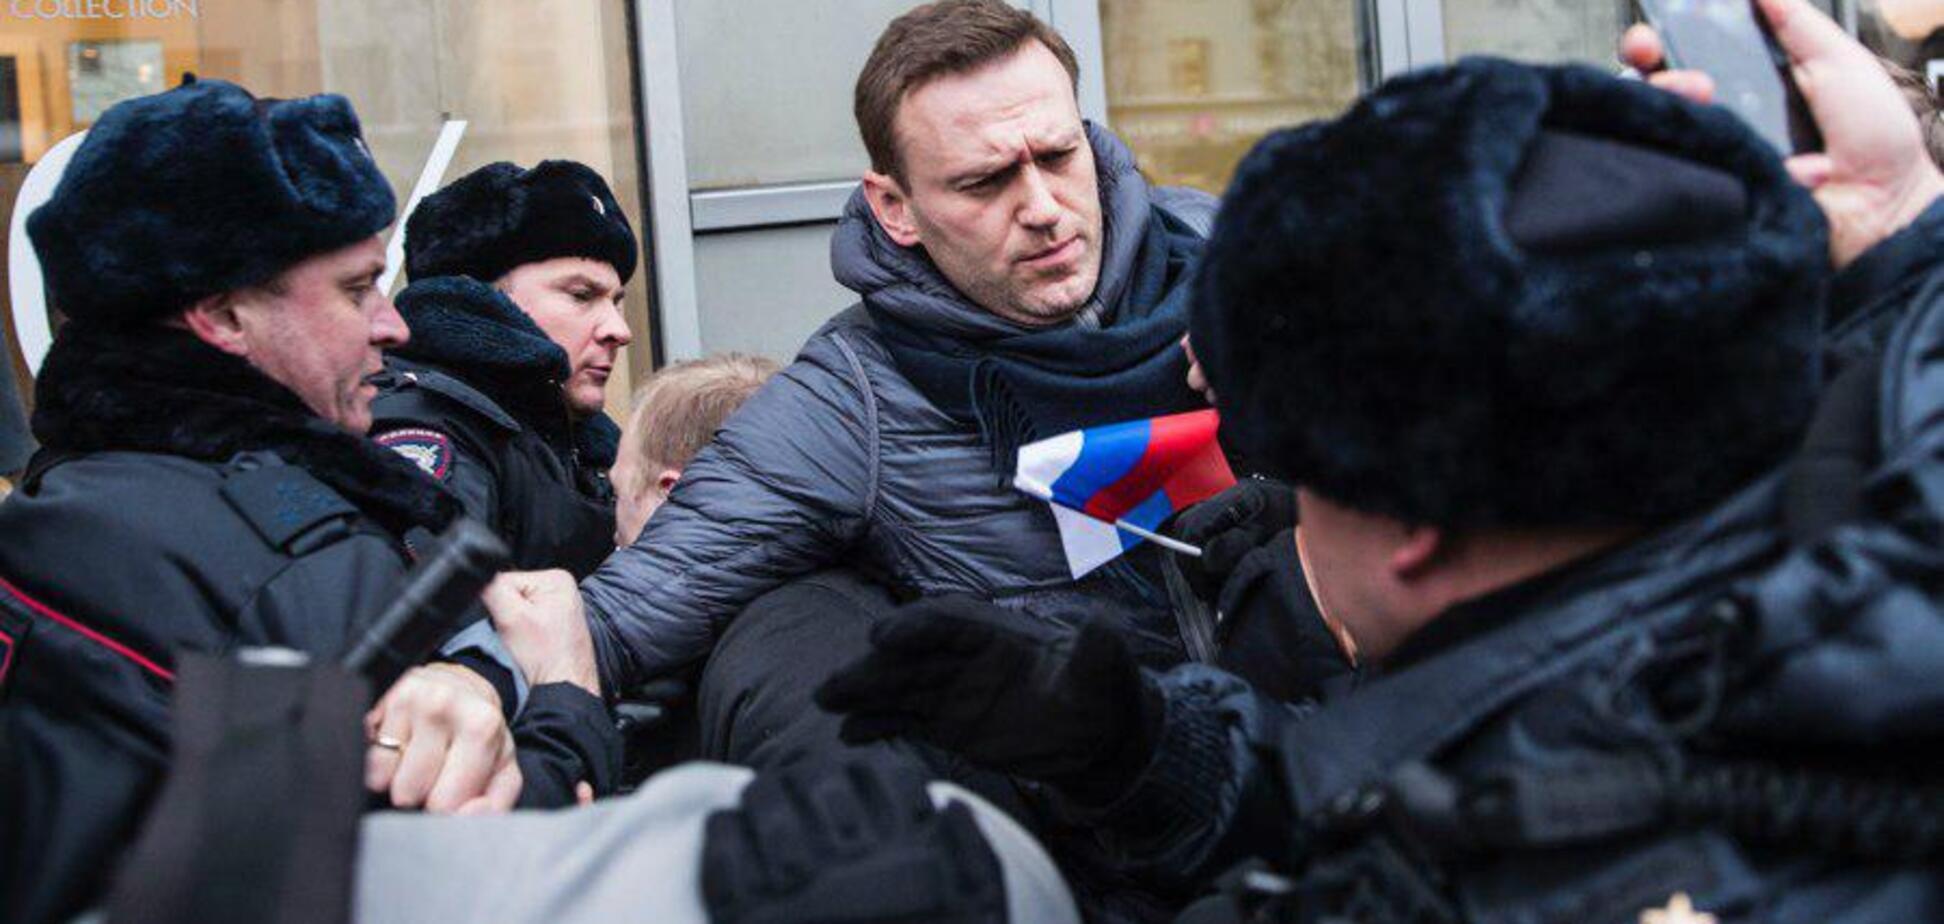 'С*ки позорные!' В Москве с боем задержали Навального: появилось видео